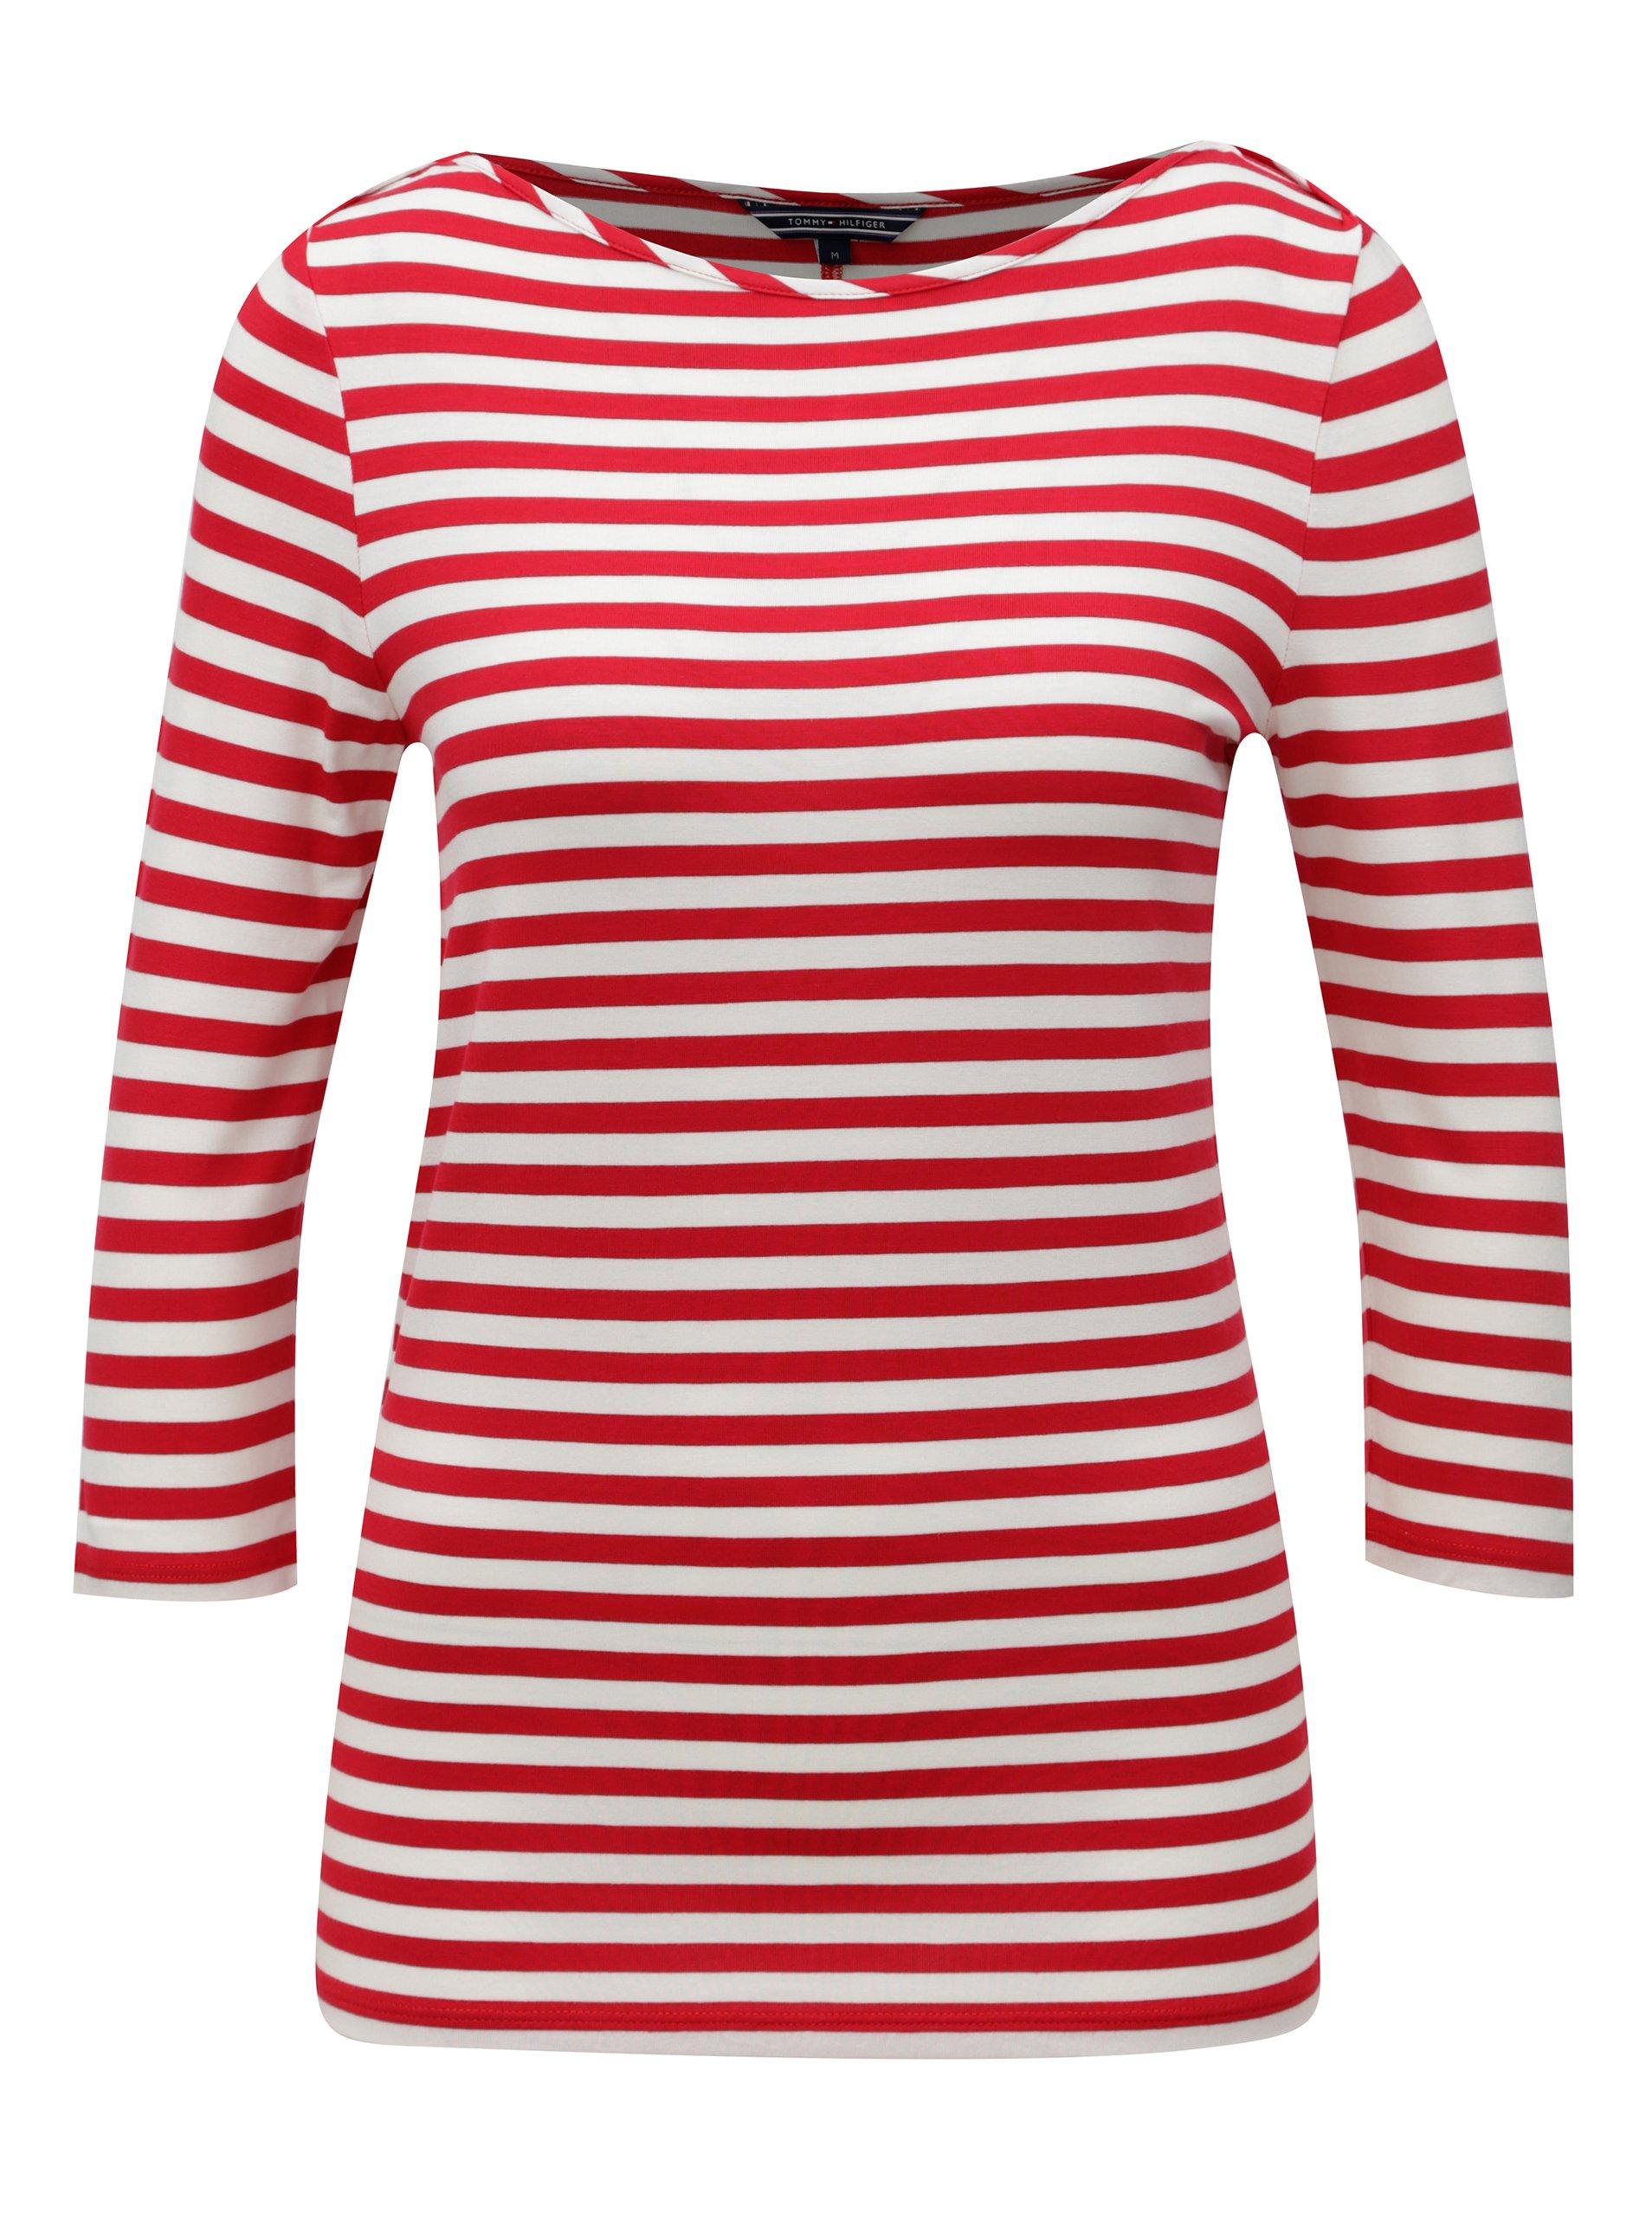 51ef7f8405 Bielo-červené dámske pruhované tričko Tommy Hilfiger